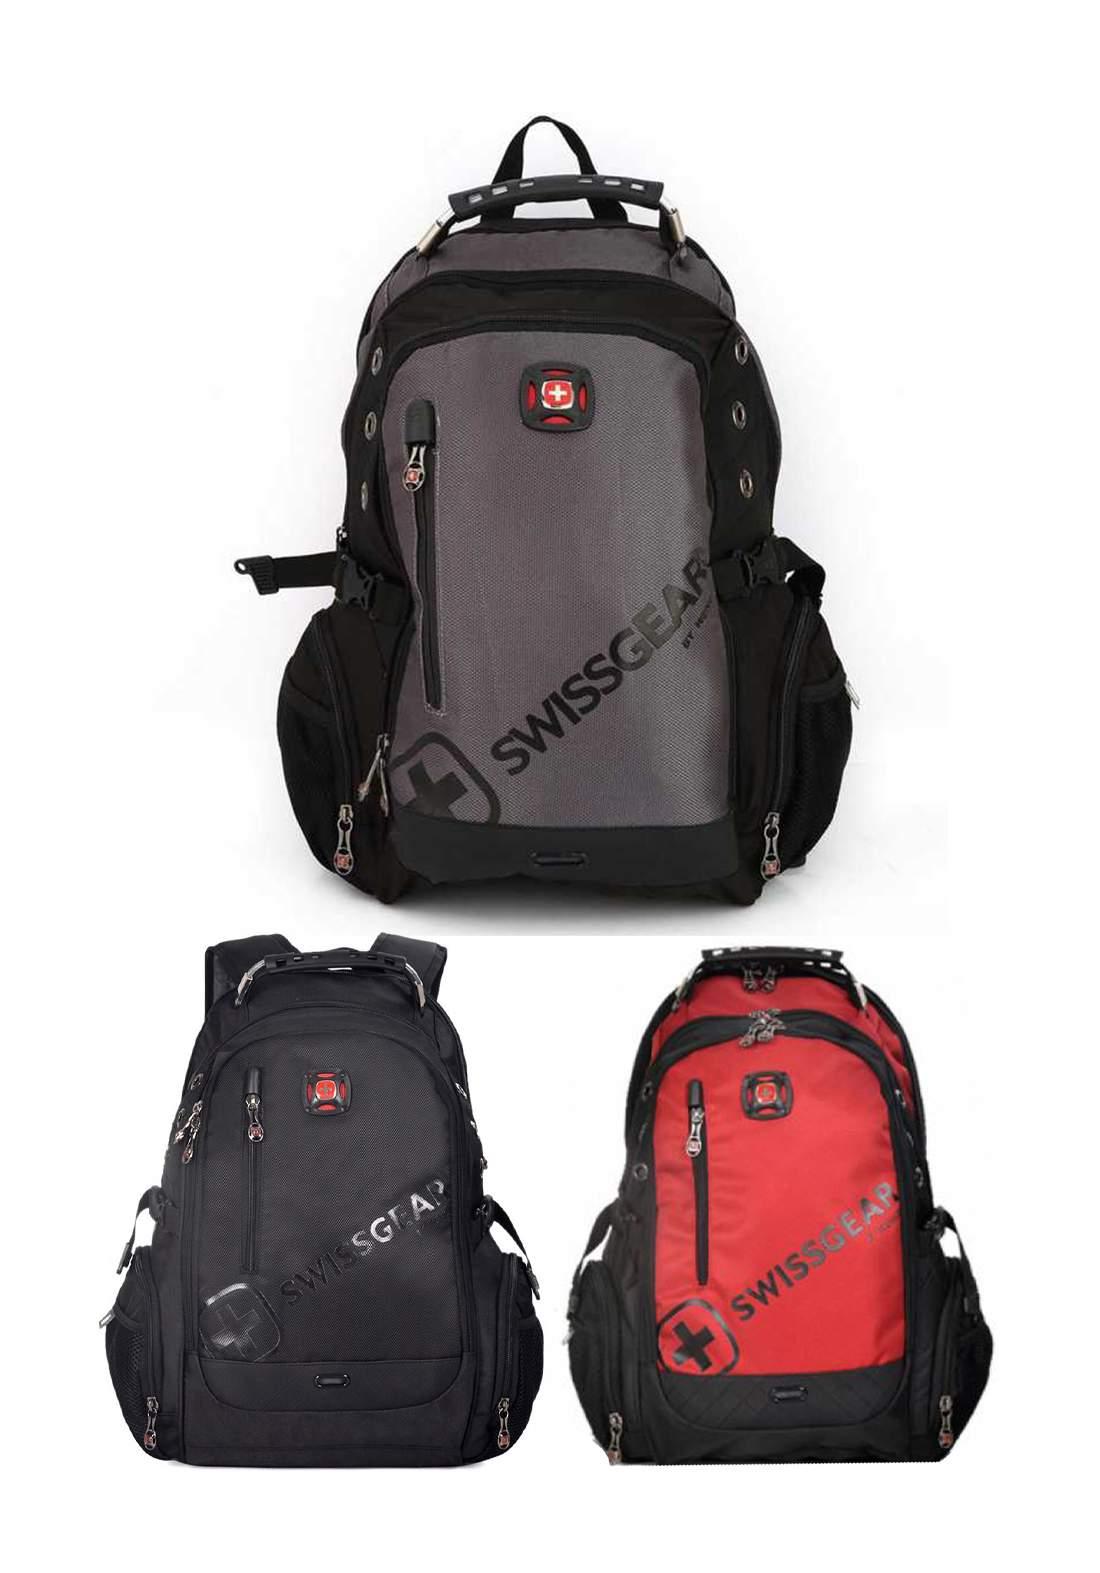 SwissGear 15 inch Laptop Backpack حقيبة لابتوب